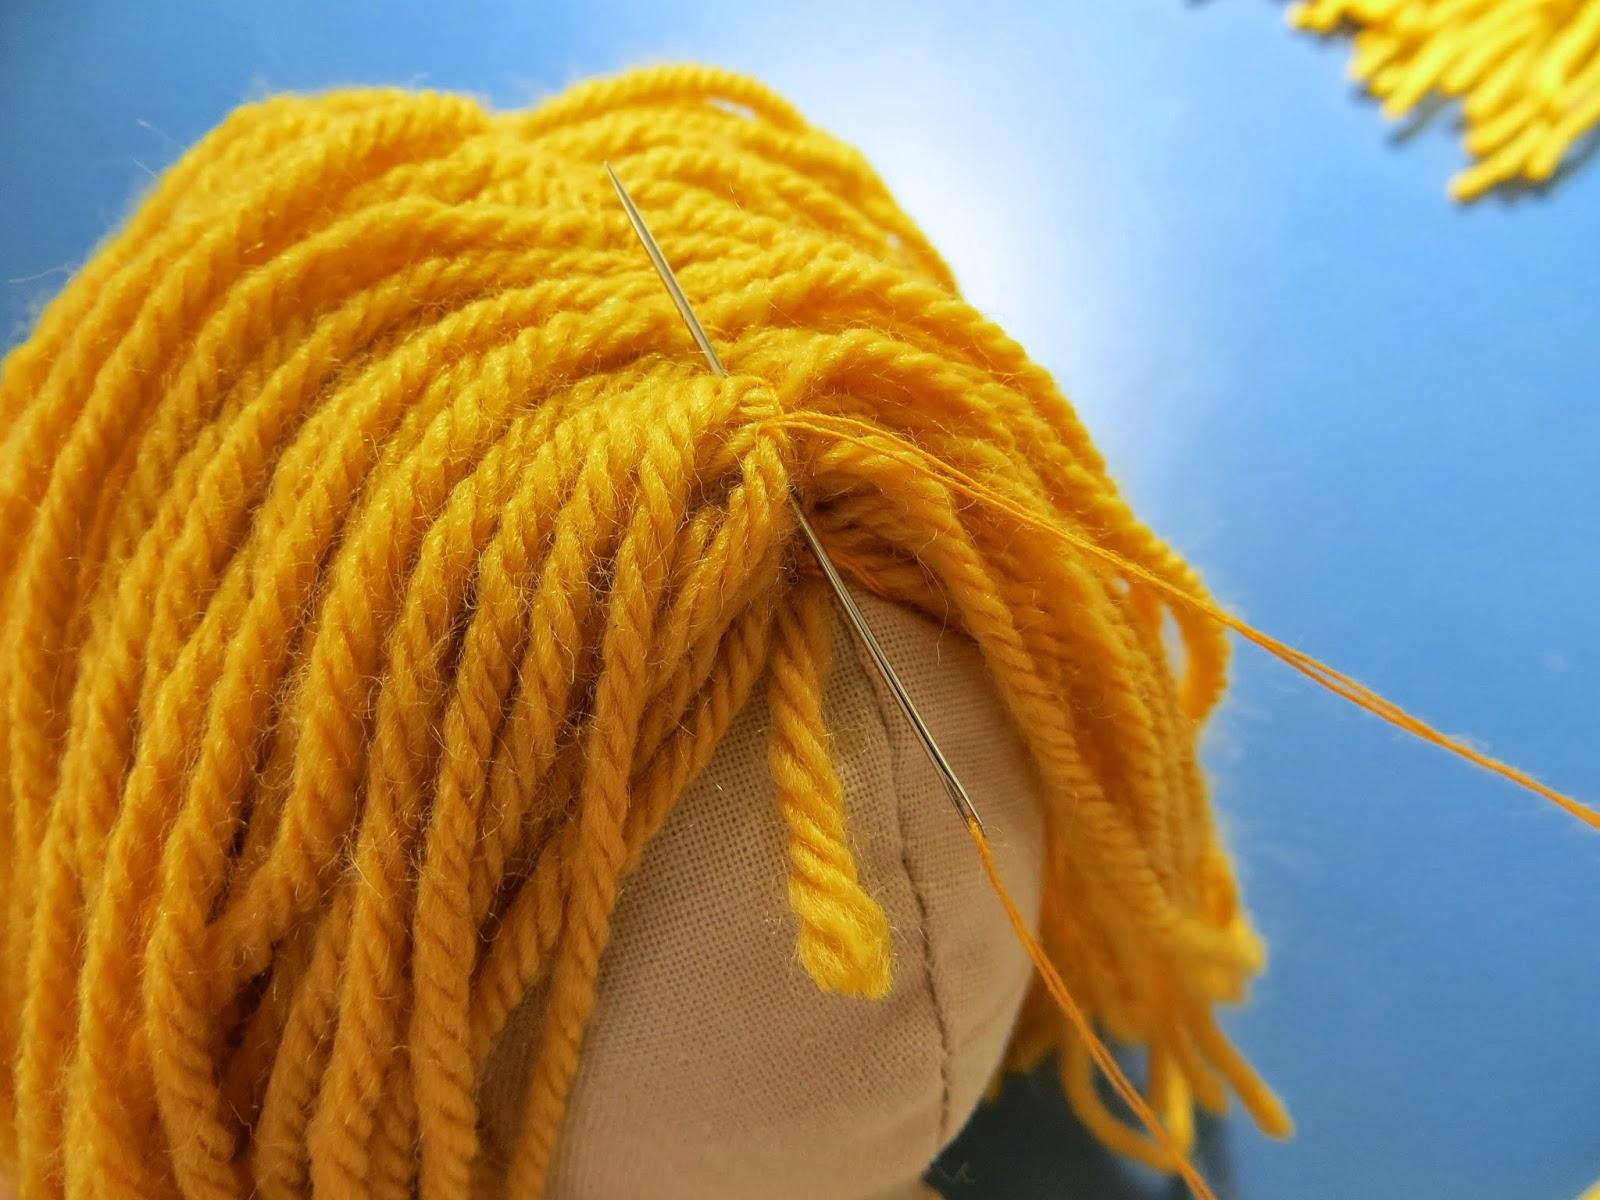 Yarn for doll hair